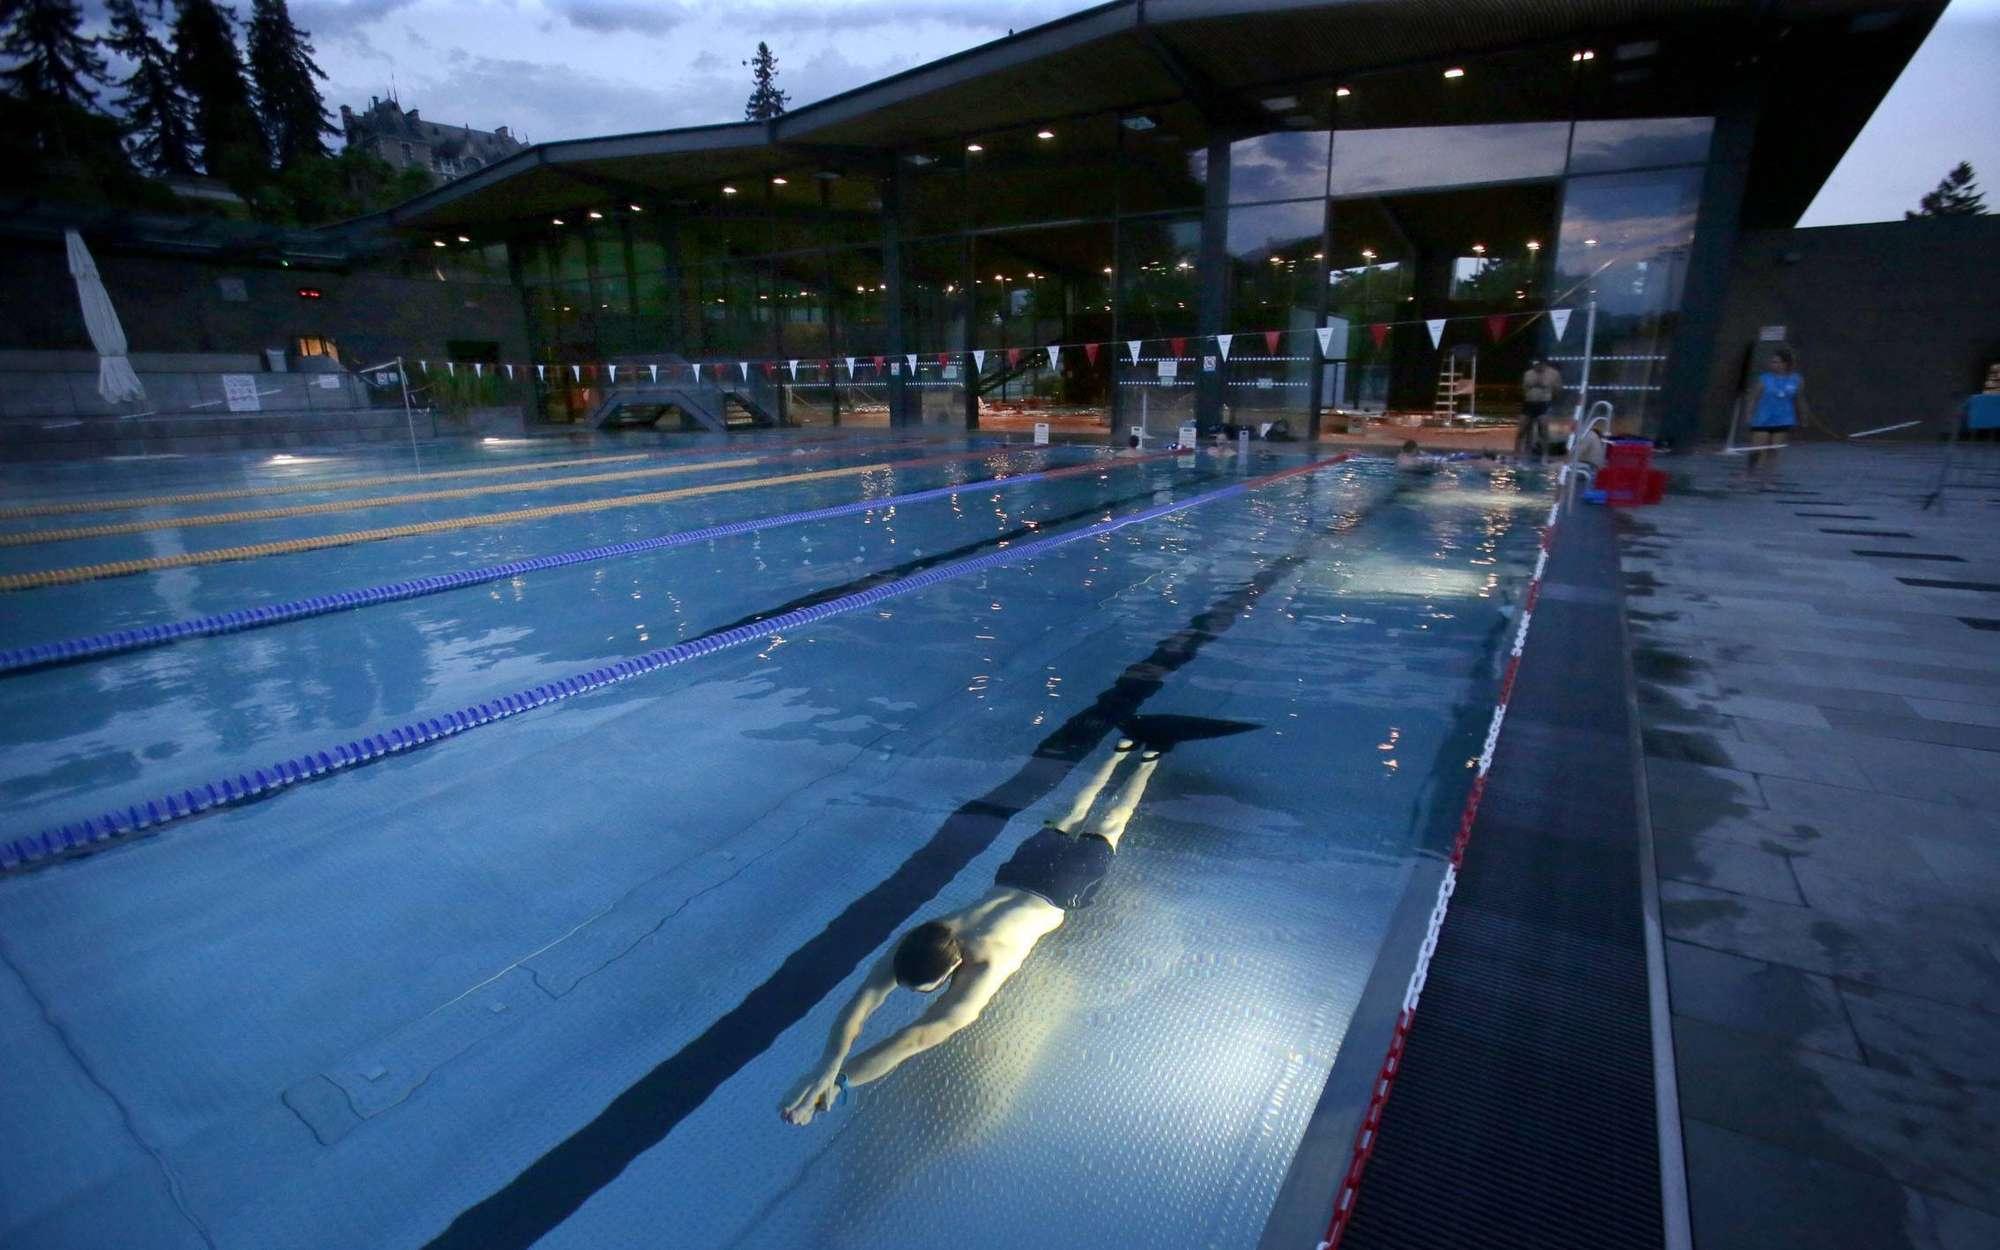 Pau : Découvrez Tout Ce Que Vous Pouvez Faire Au Stade ... serapportantà Centre Aquatique Des Hauts De Bayonne Piscine Bayonne